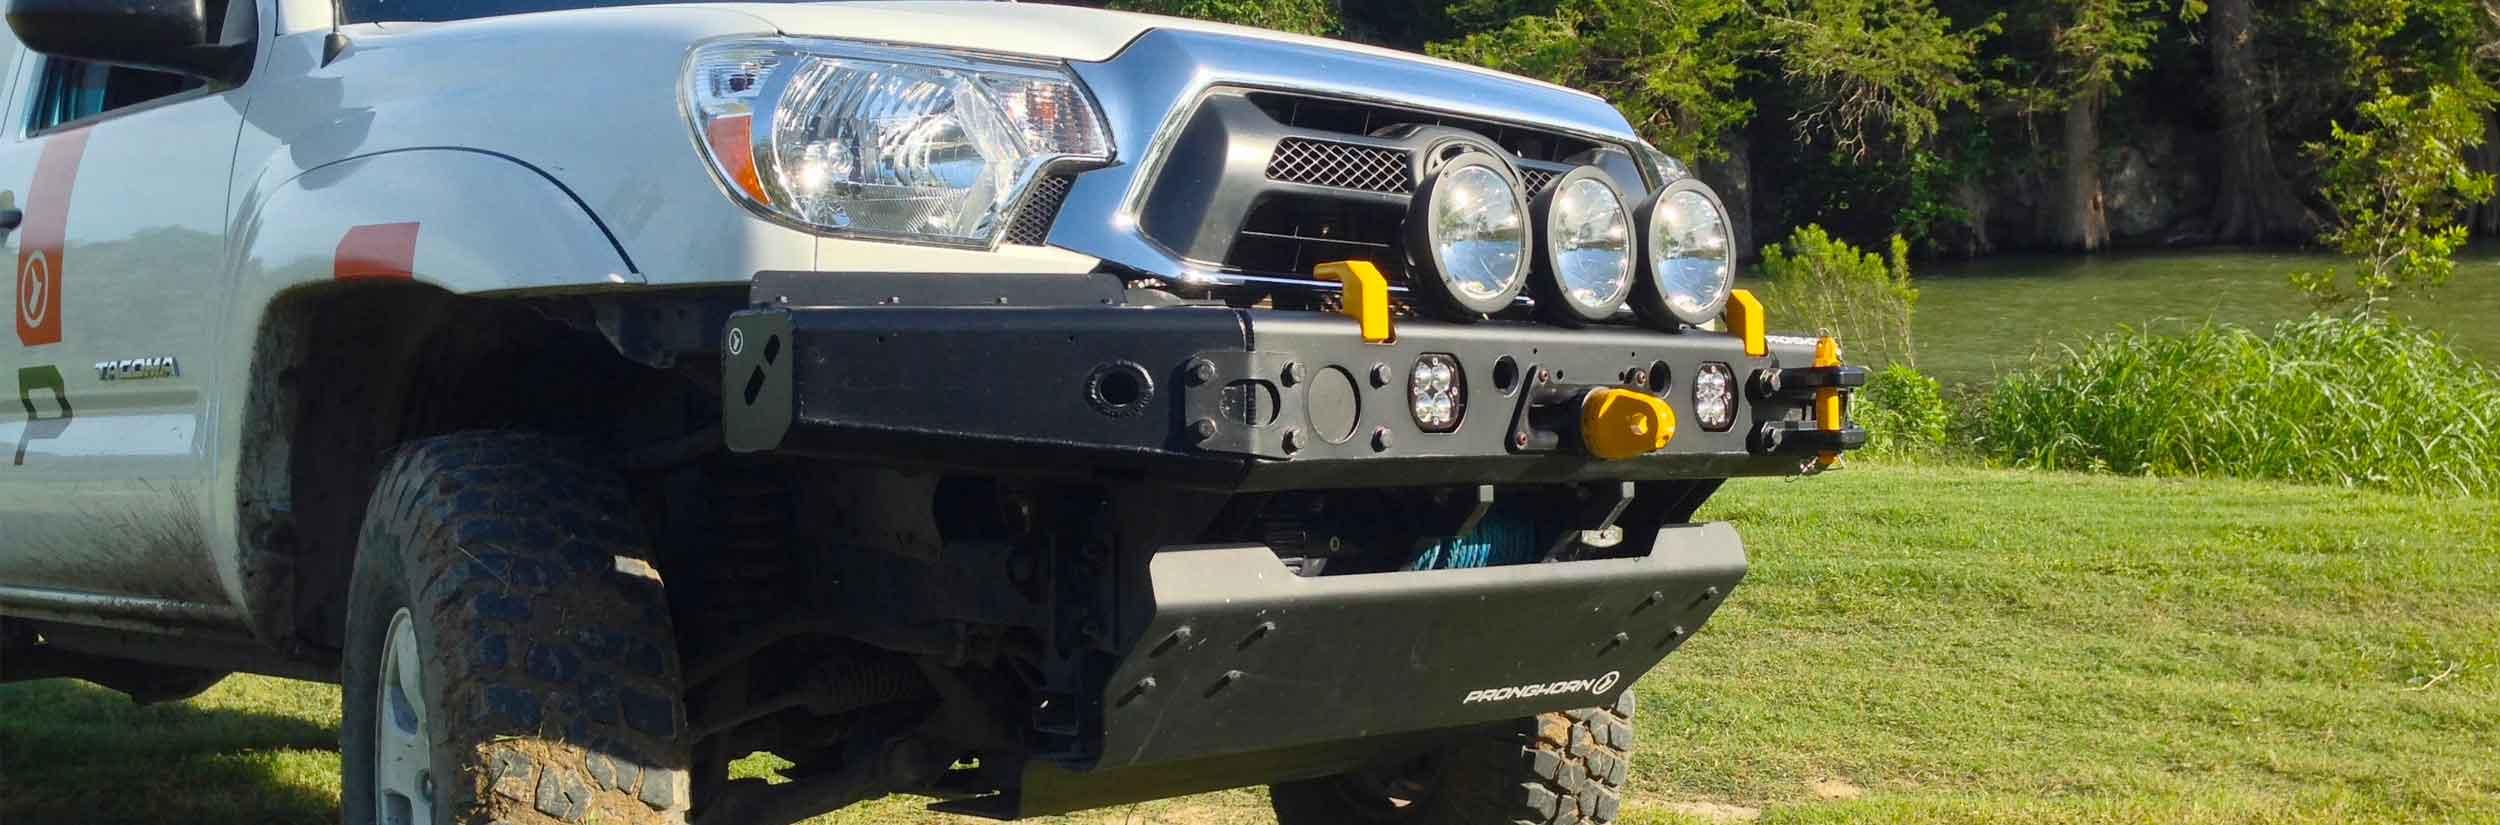 tacoma aluminum bumper mfes-c1